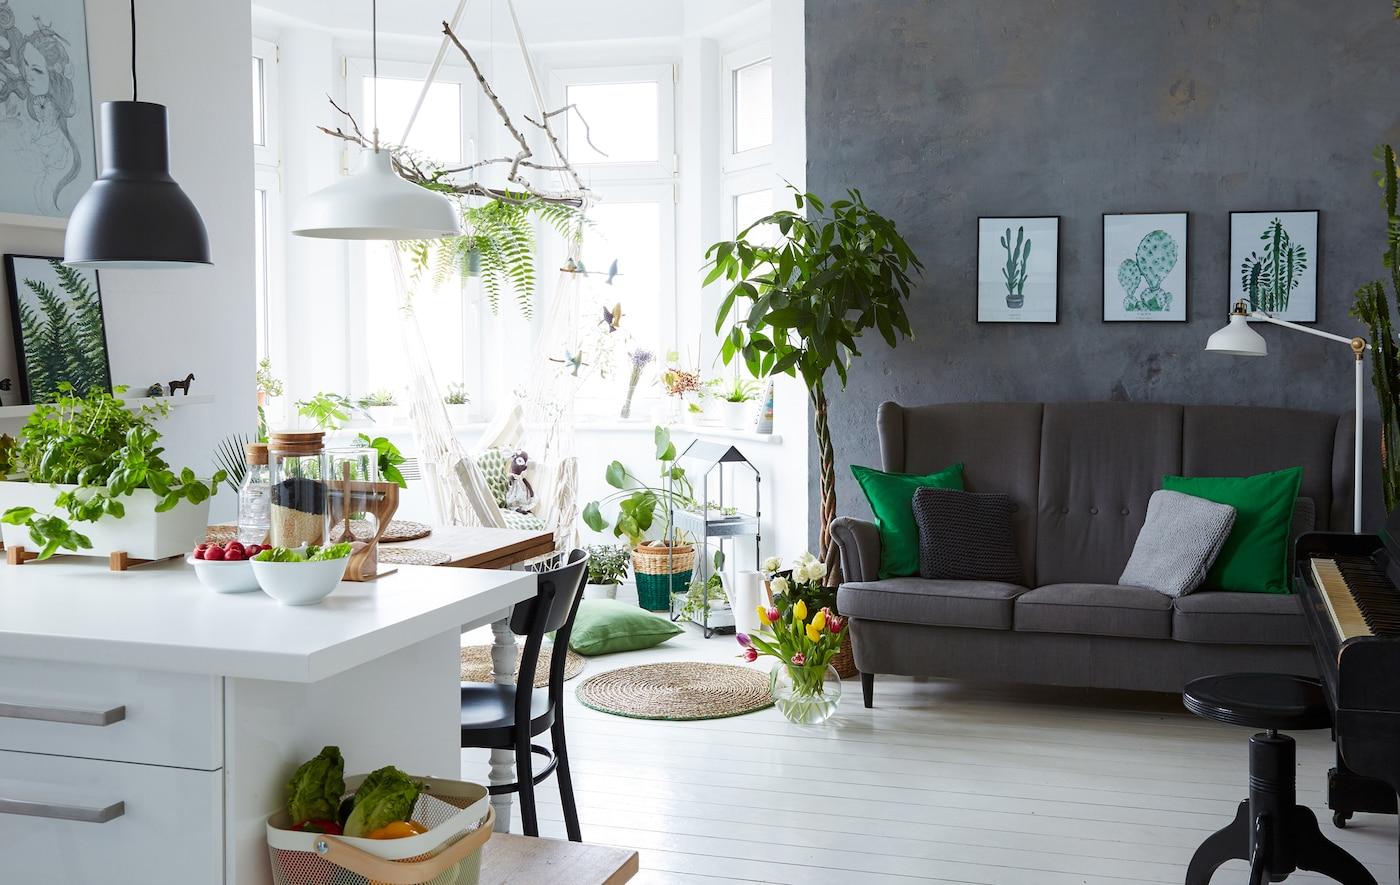 تملأ مارجو بيتها الأبيض الذي يتمتع بتصميم مفتوح بالنباتات الداخلية من أجل تقسيم المساحة.